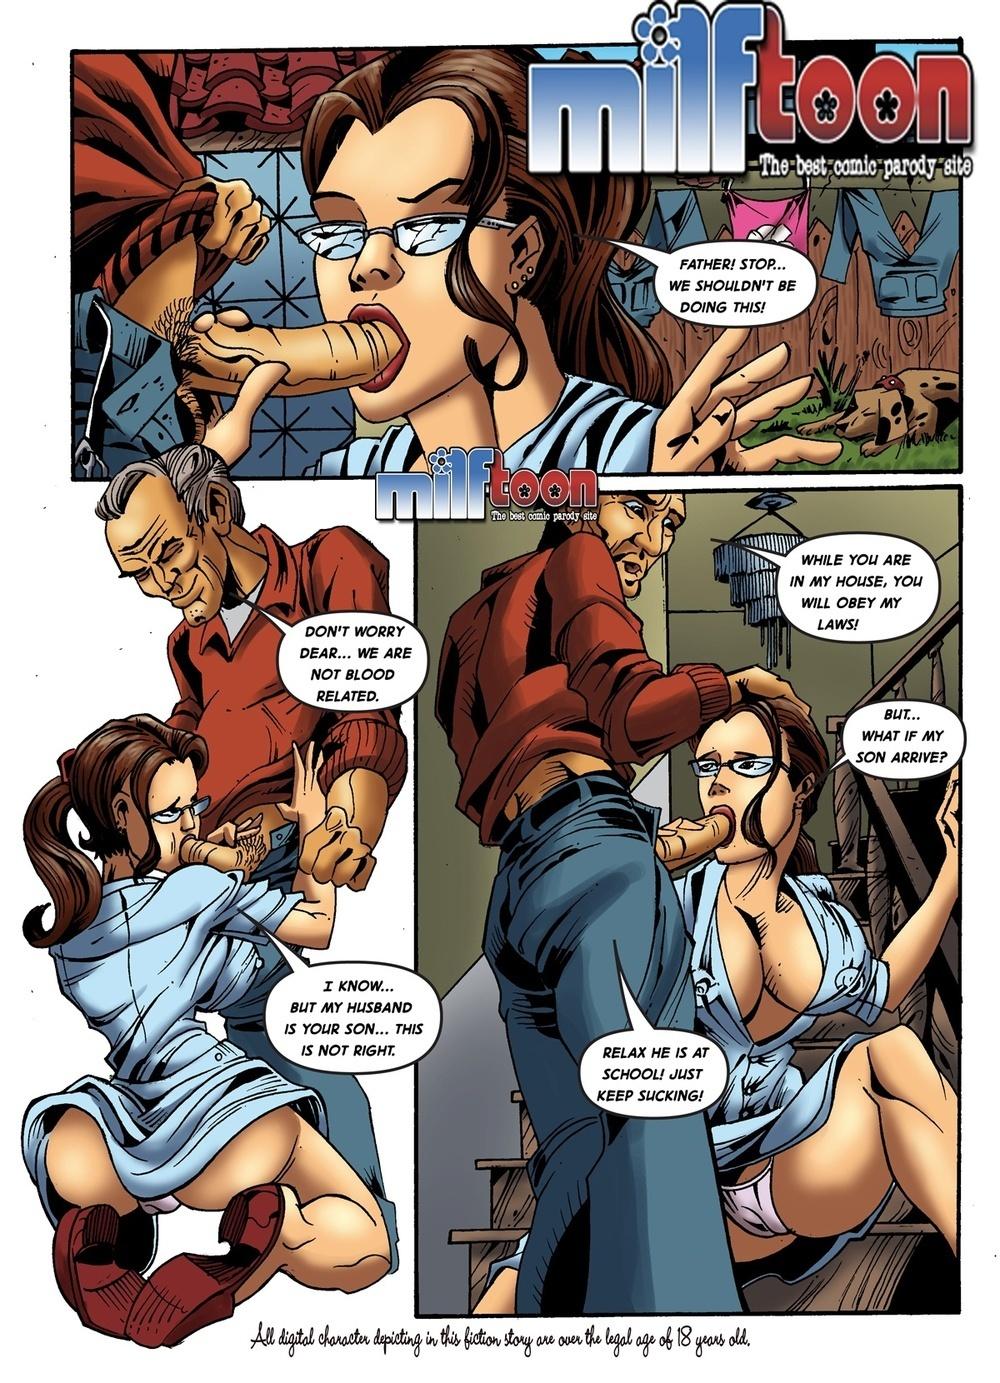 Gta comic book porn brilliant idea